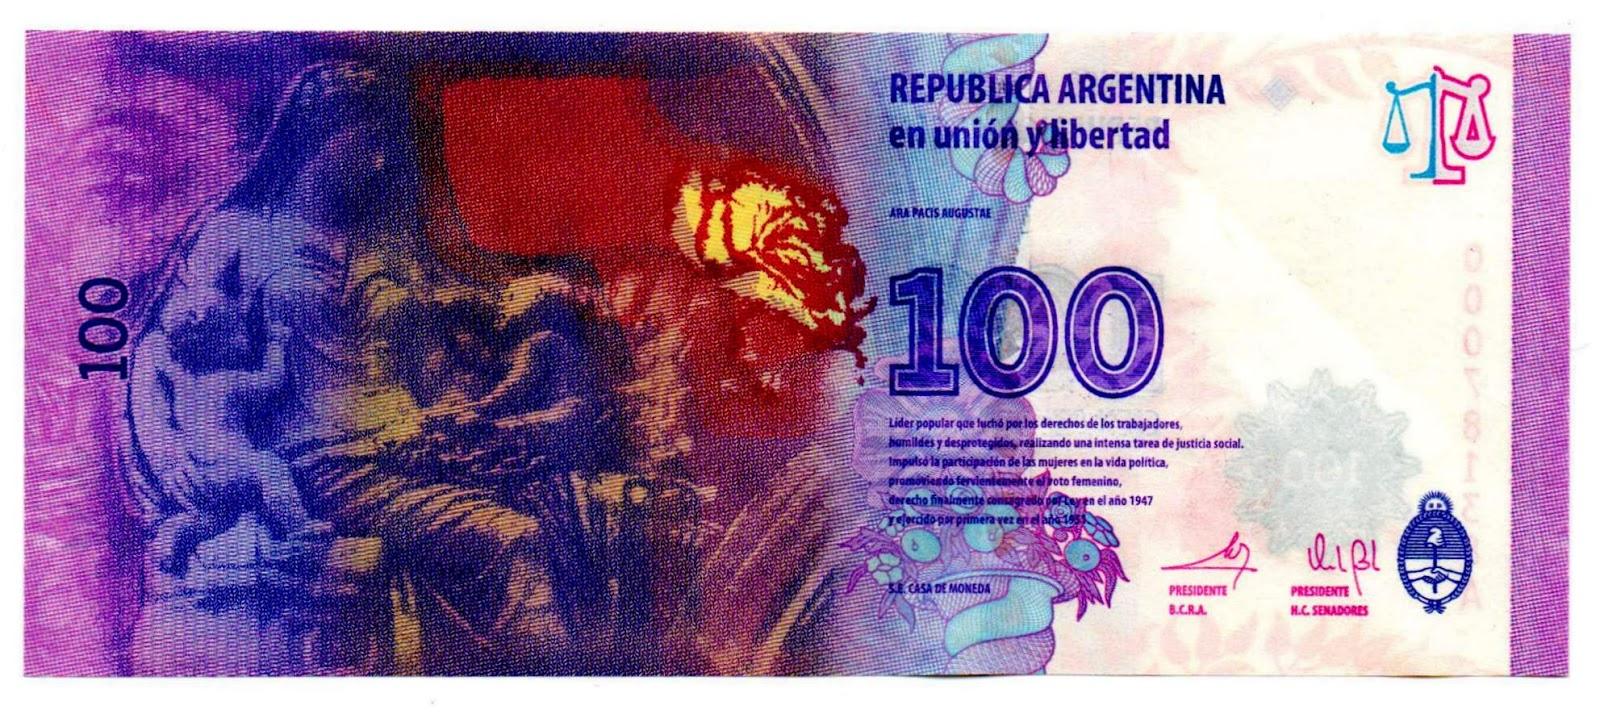 Analisis del billete de 100 pesos de evita